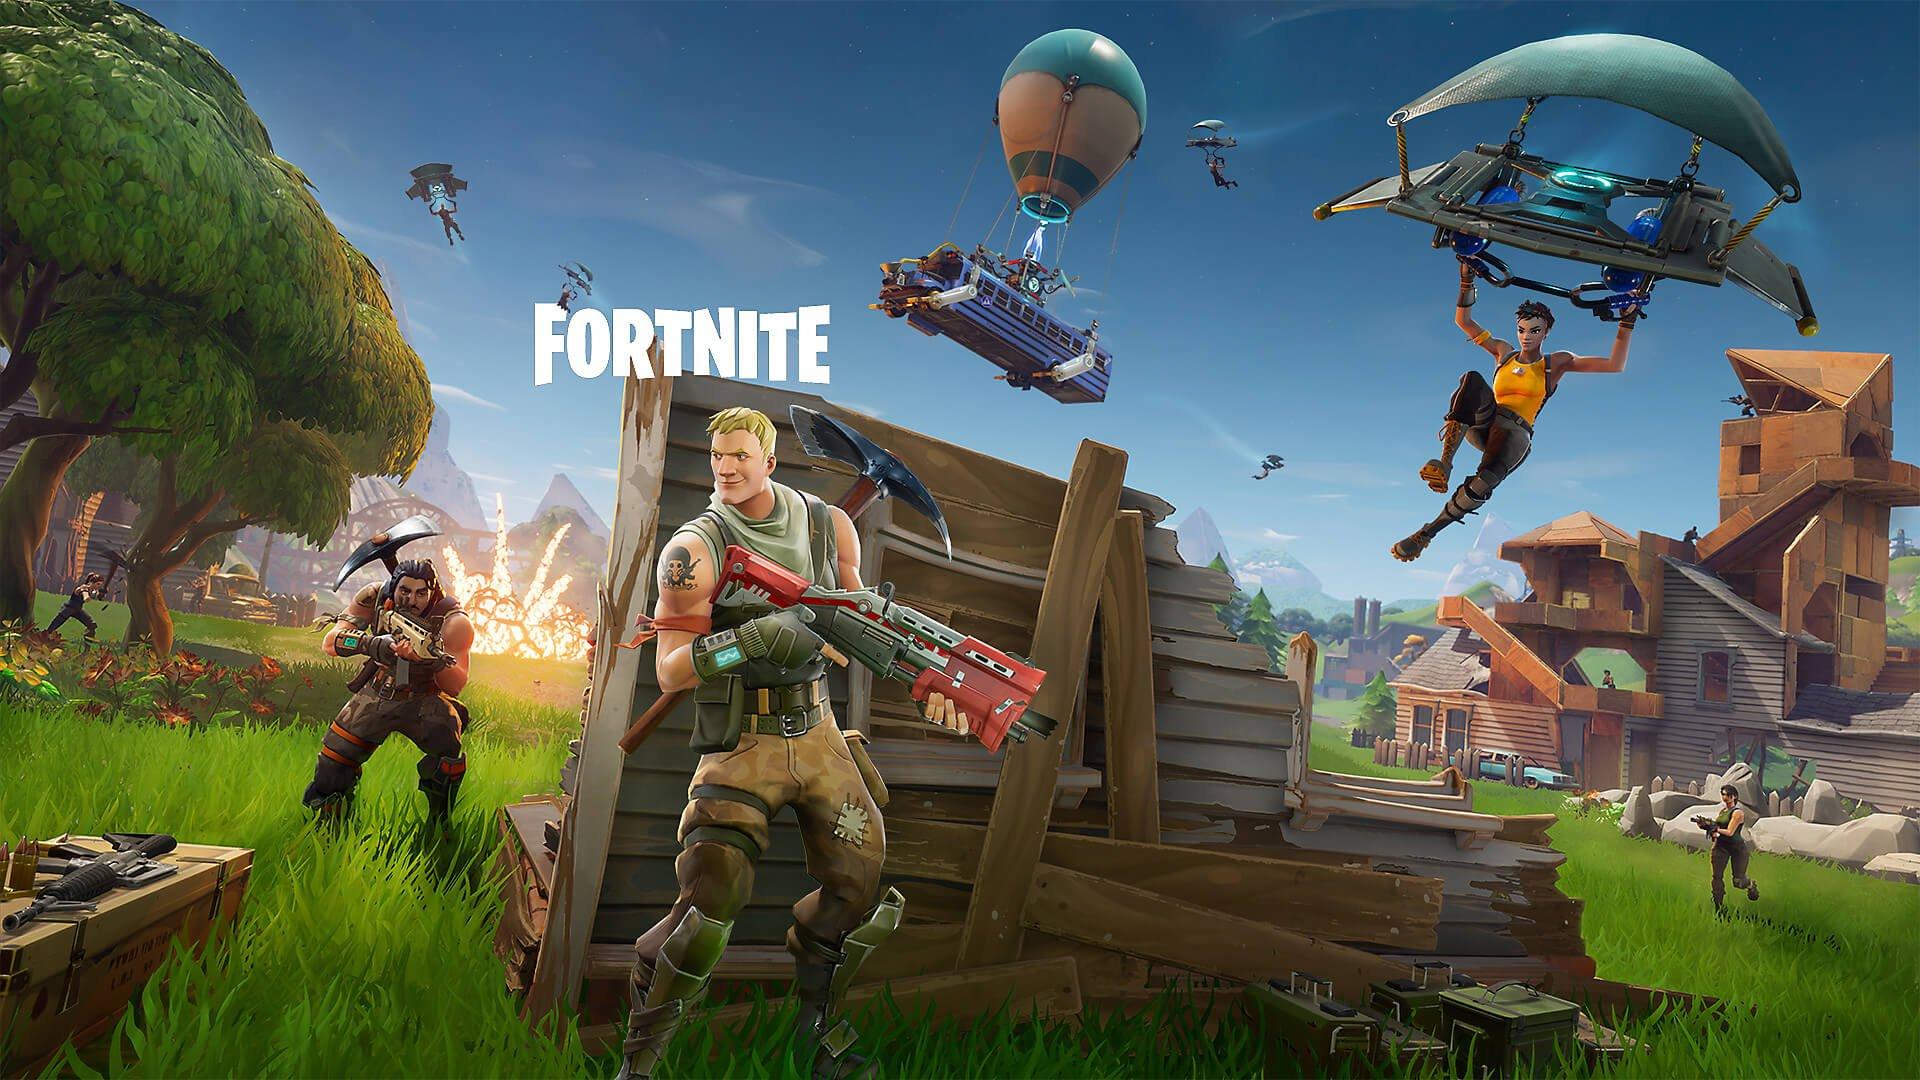 Modos de jogo Fortnite